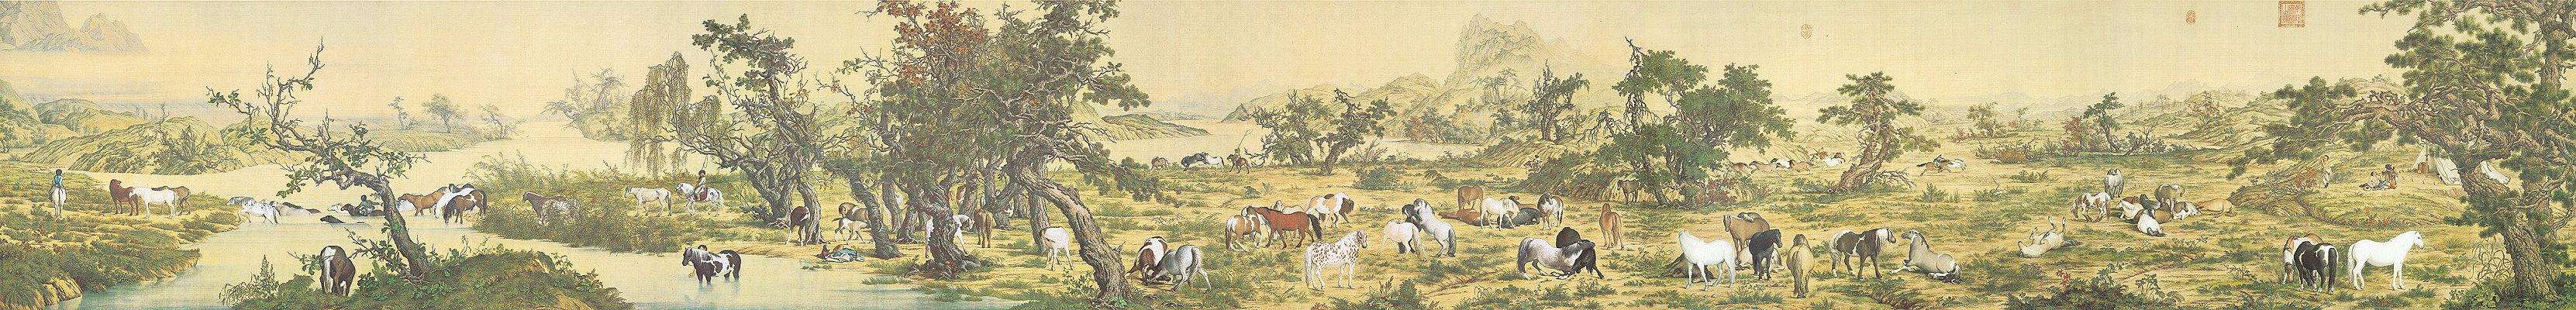 中国十大传世名画之十《百骏图》 - 闲散人也 -